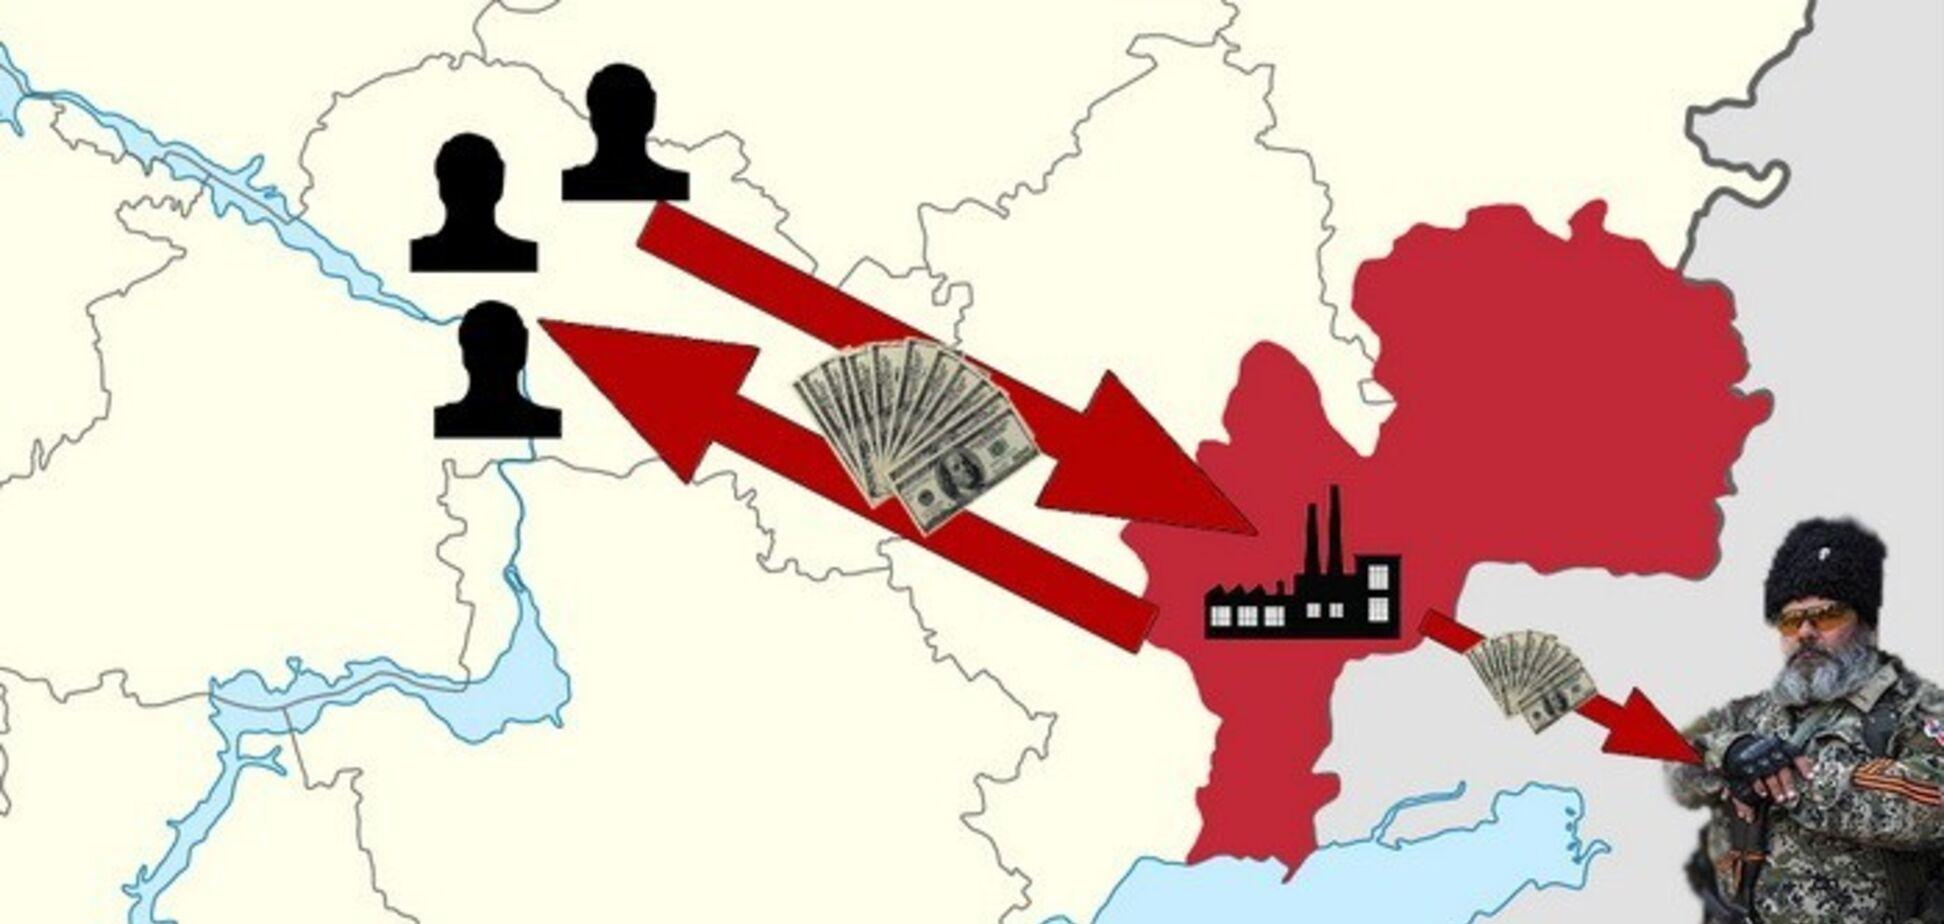 СБУ накрыла схему подачек денег для 'Л/ДНР': организатор задержан